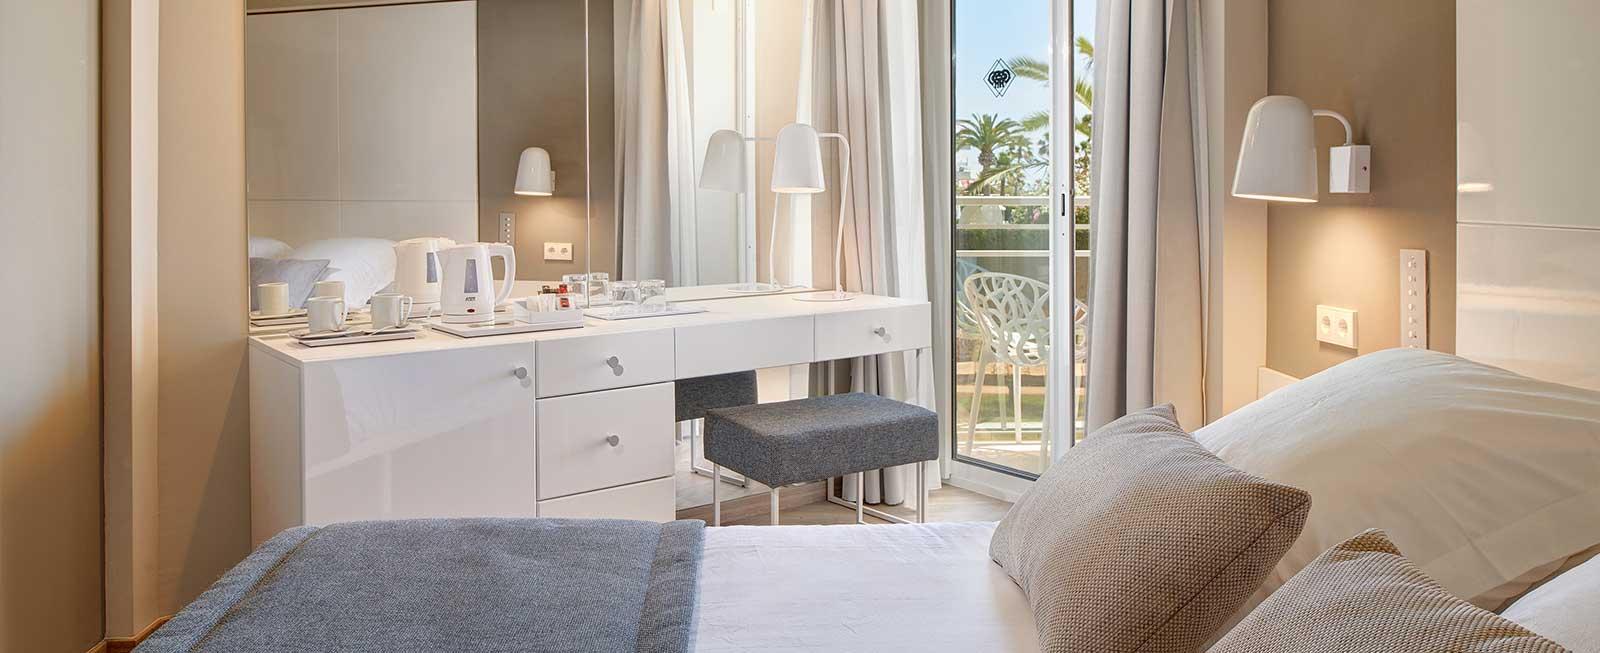 habitacion-doble-protur-bonamar-hotel-4-estrellas